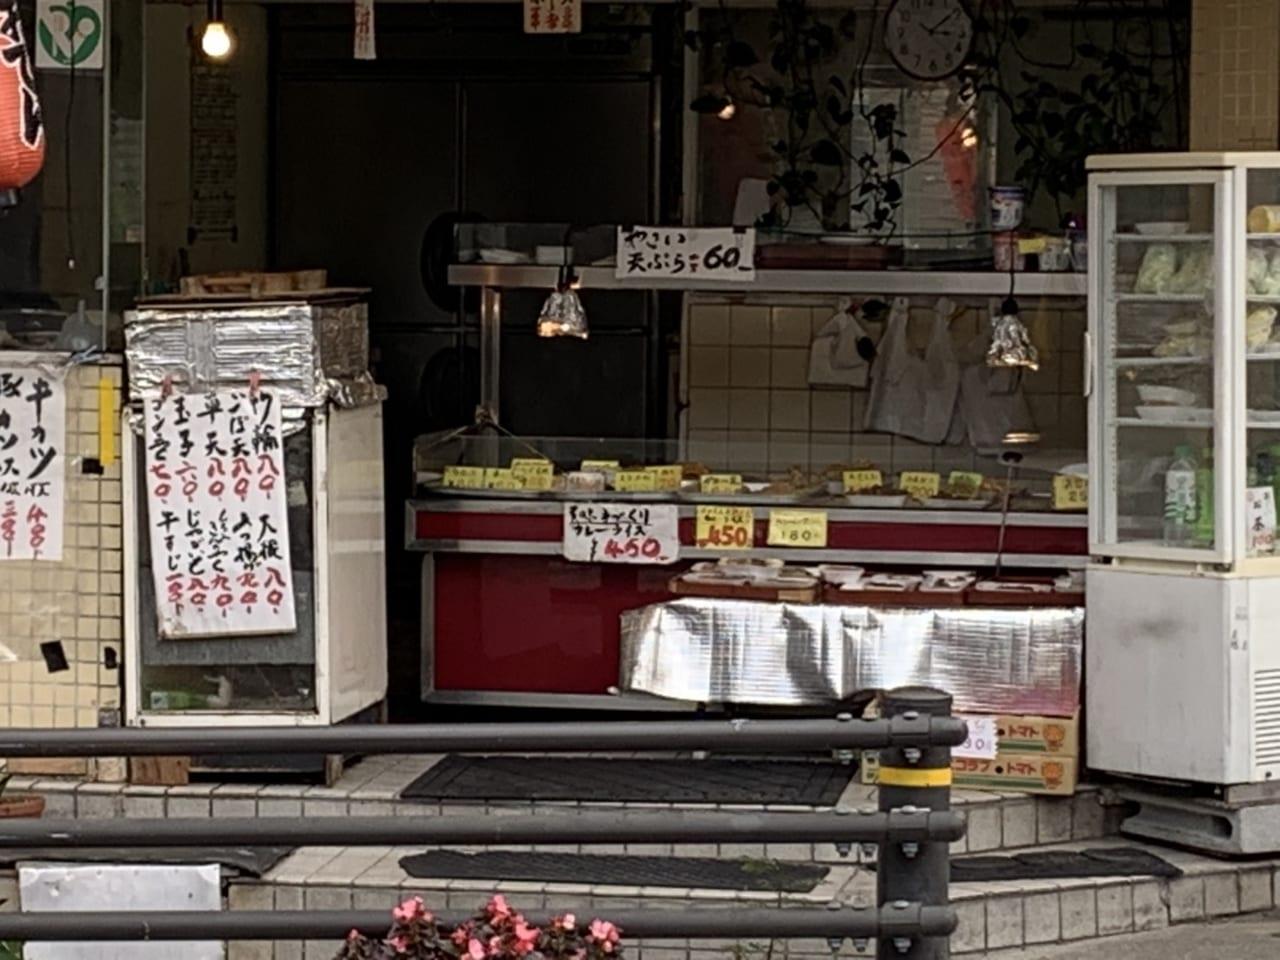 激安お惣菜屋さん